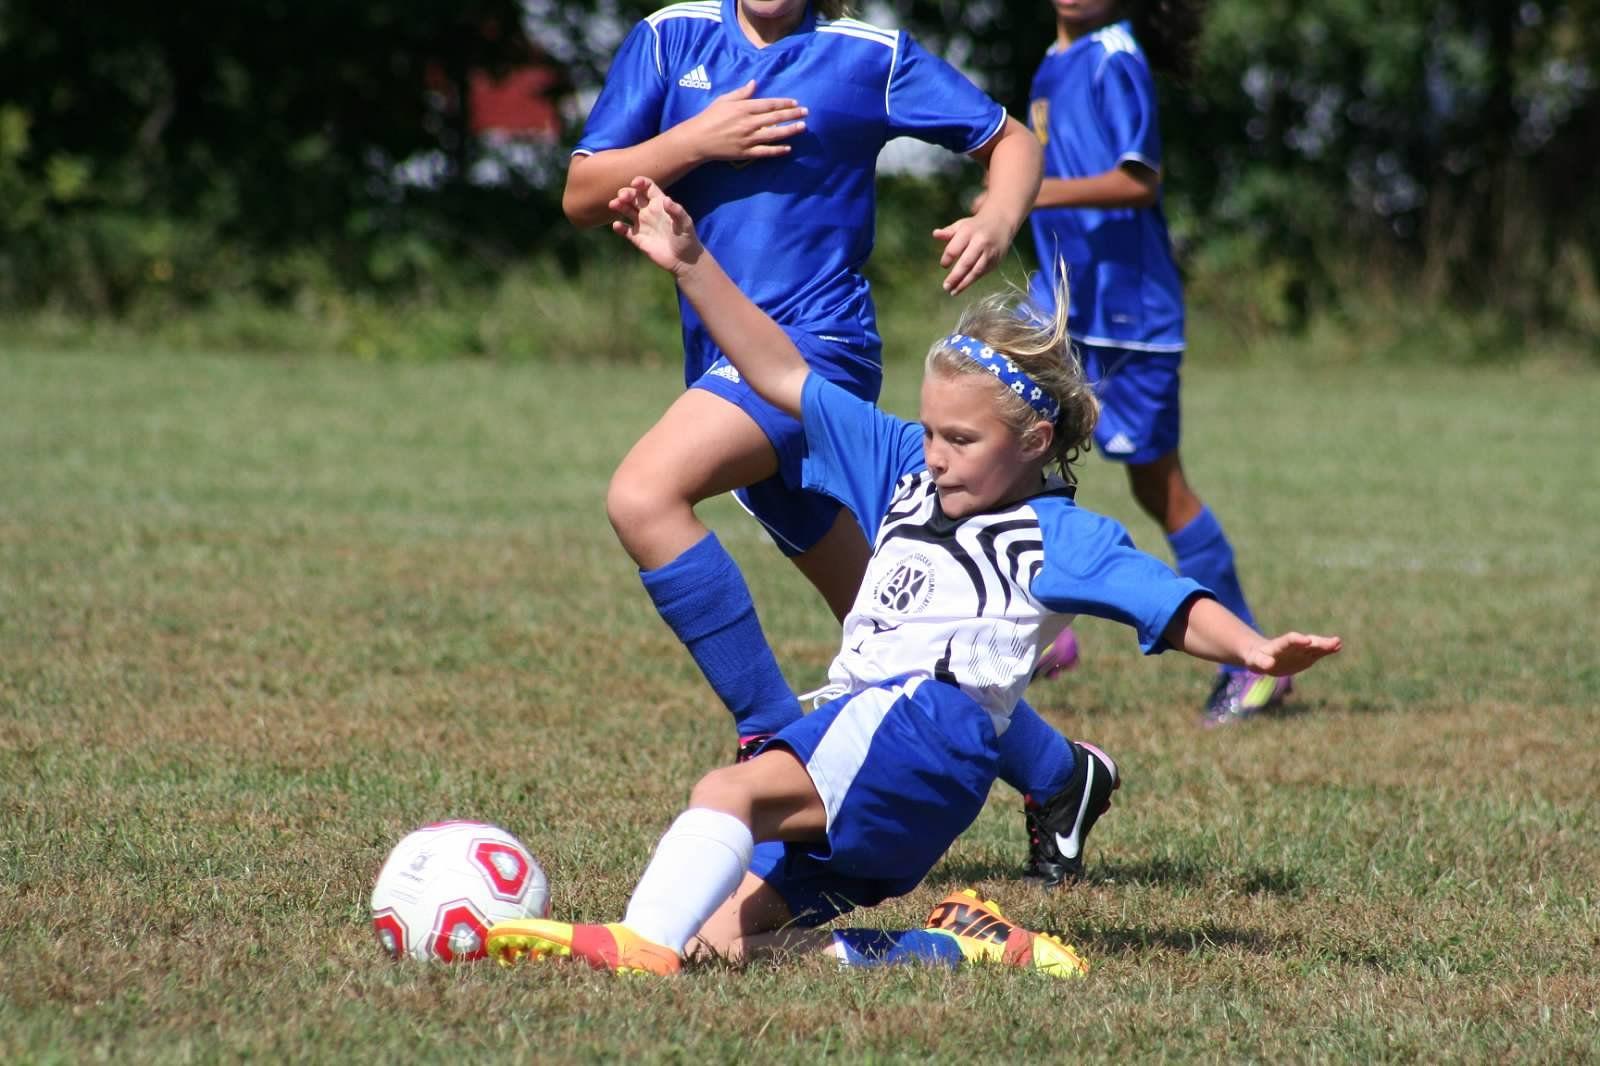 Cover Soccer Girl Nice Shot Soccer Socks Headbands Soccer